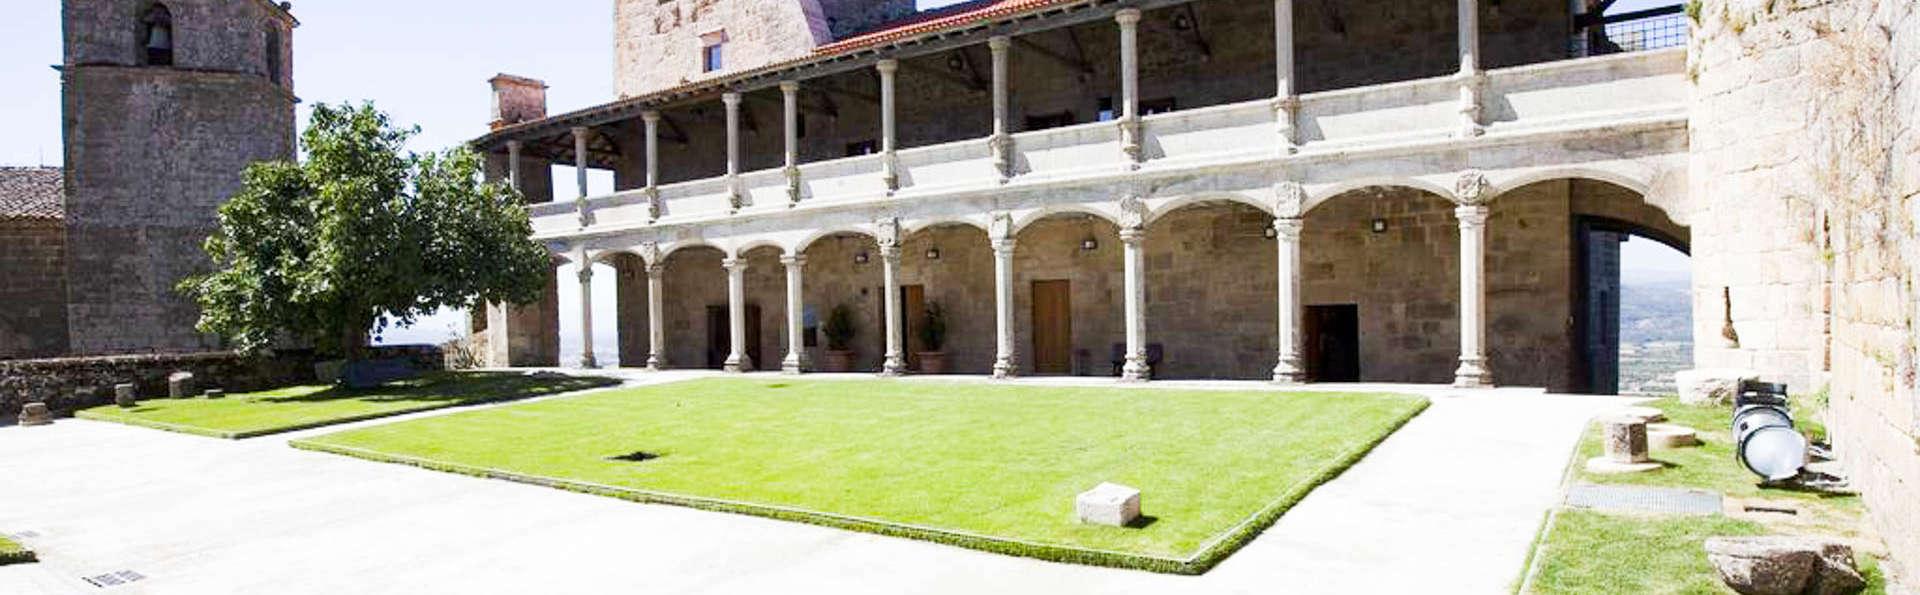 Parador Castillo de Monterrei - EDIT_FRONT.jpg